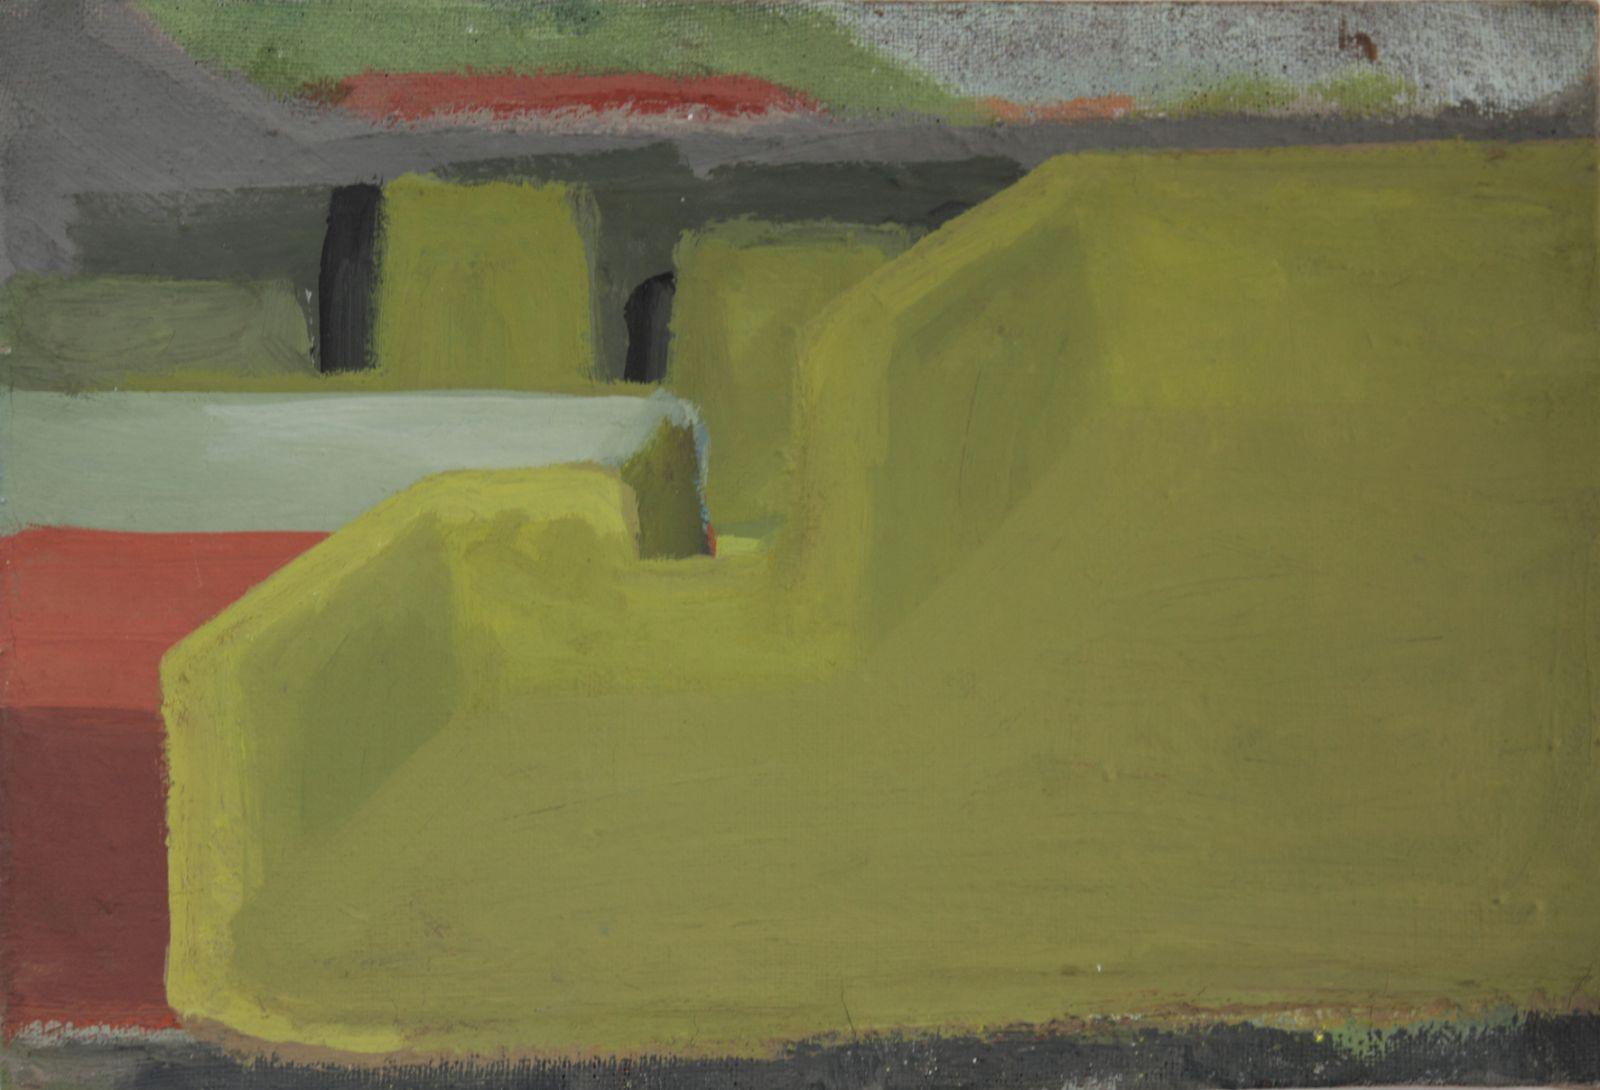 sophie-nicol-1-perimetre-jaune-vert-emulsion-25x37cm-3798b09f093ed154b3d37d375694aca7